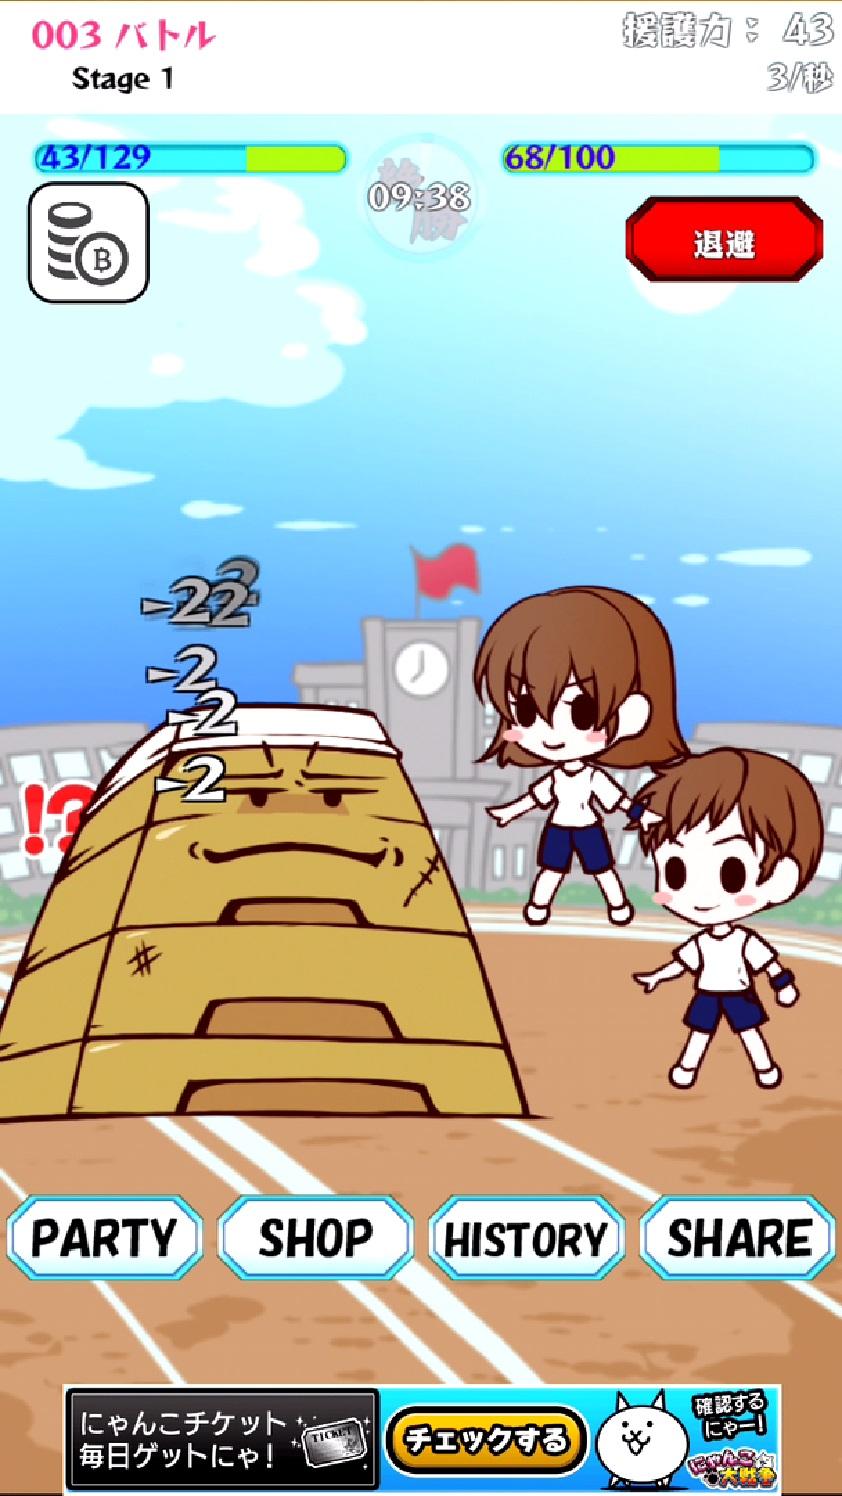 激突!!春の大運動会〜パワフルスポーツフェスティバル〜 androidアプリスクリーンショット1